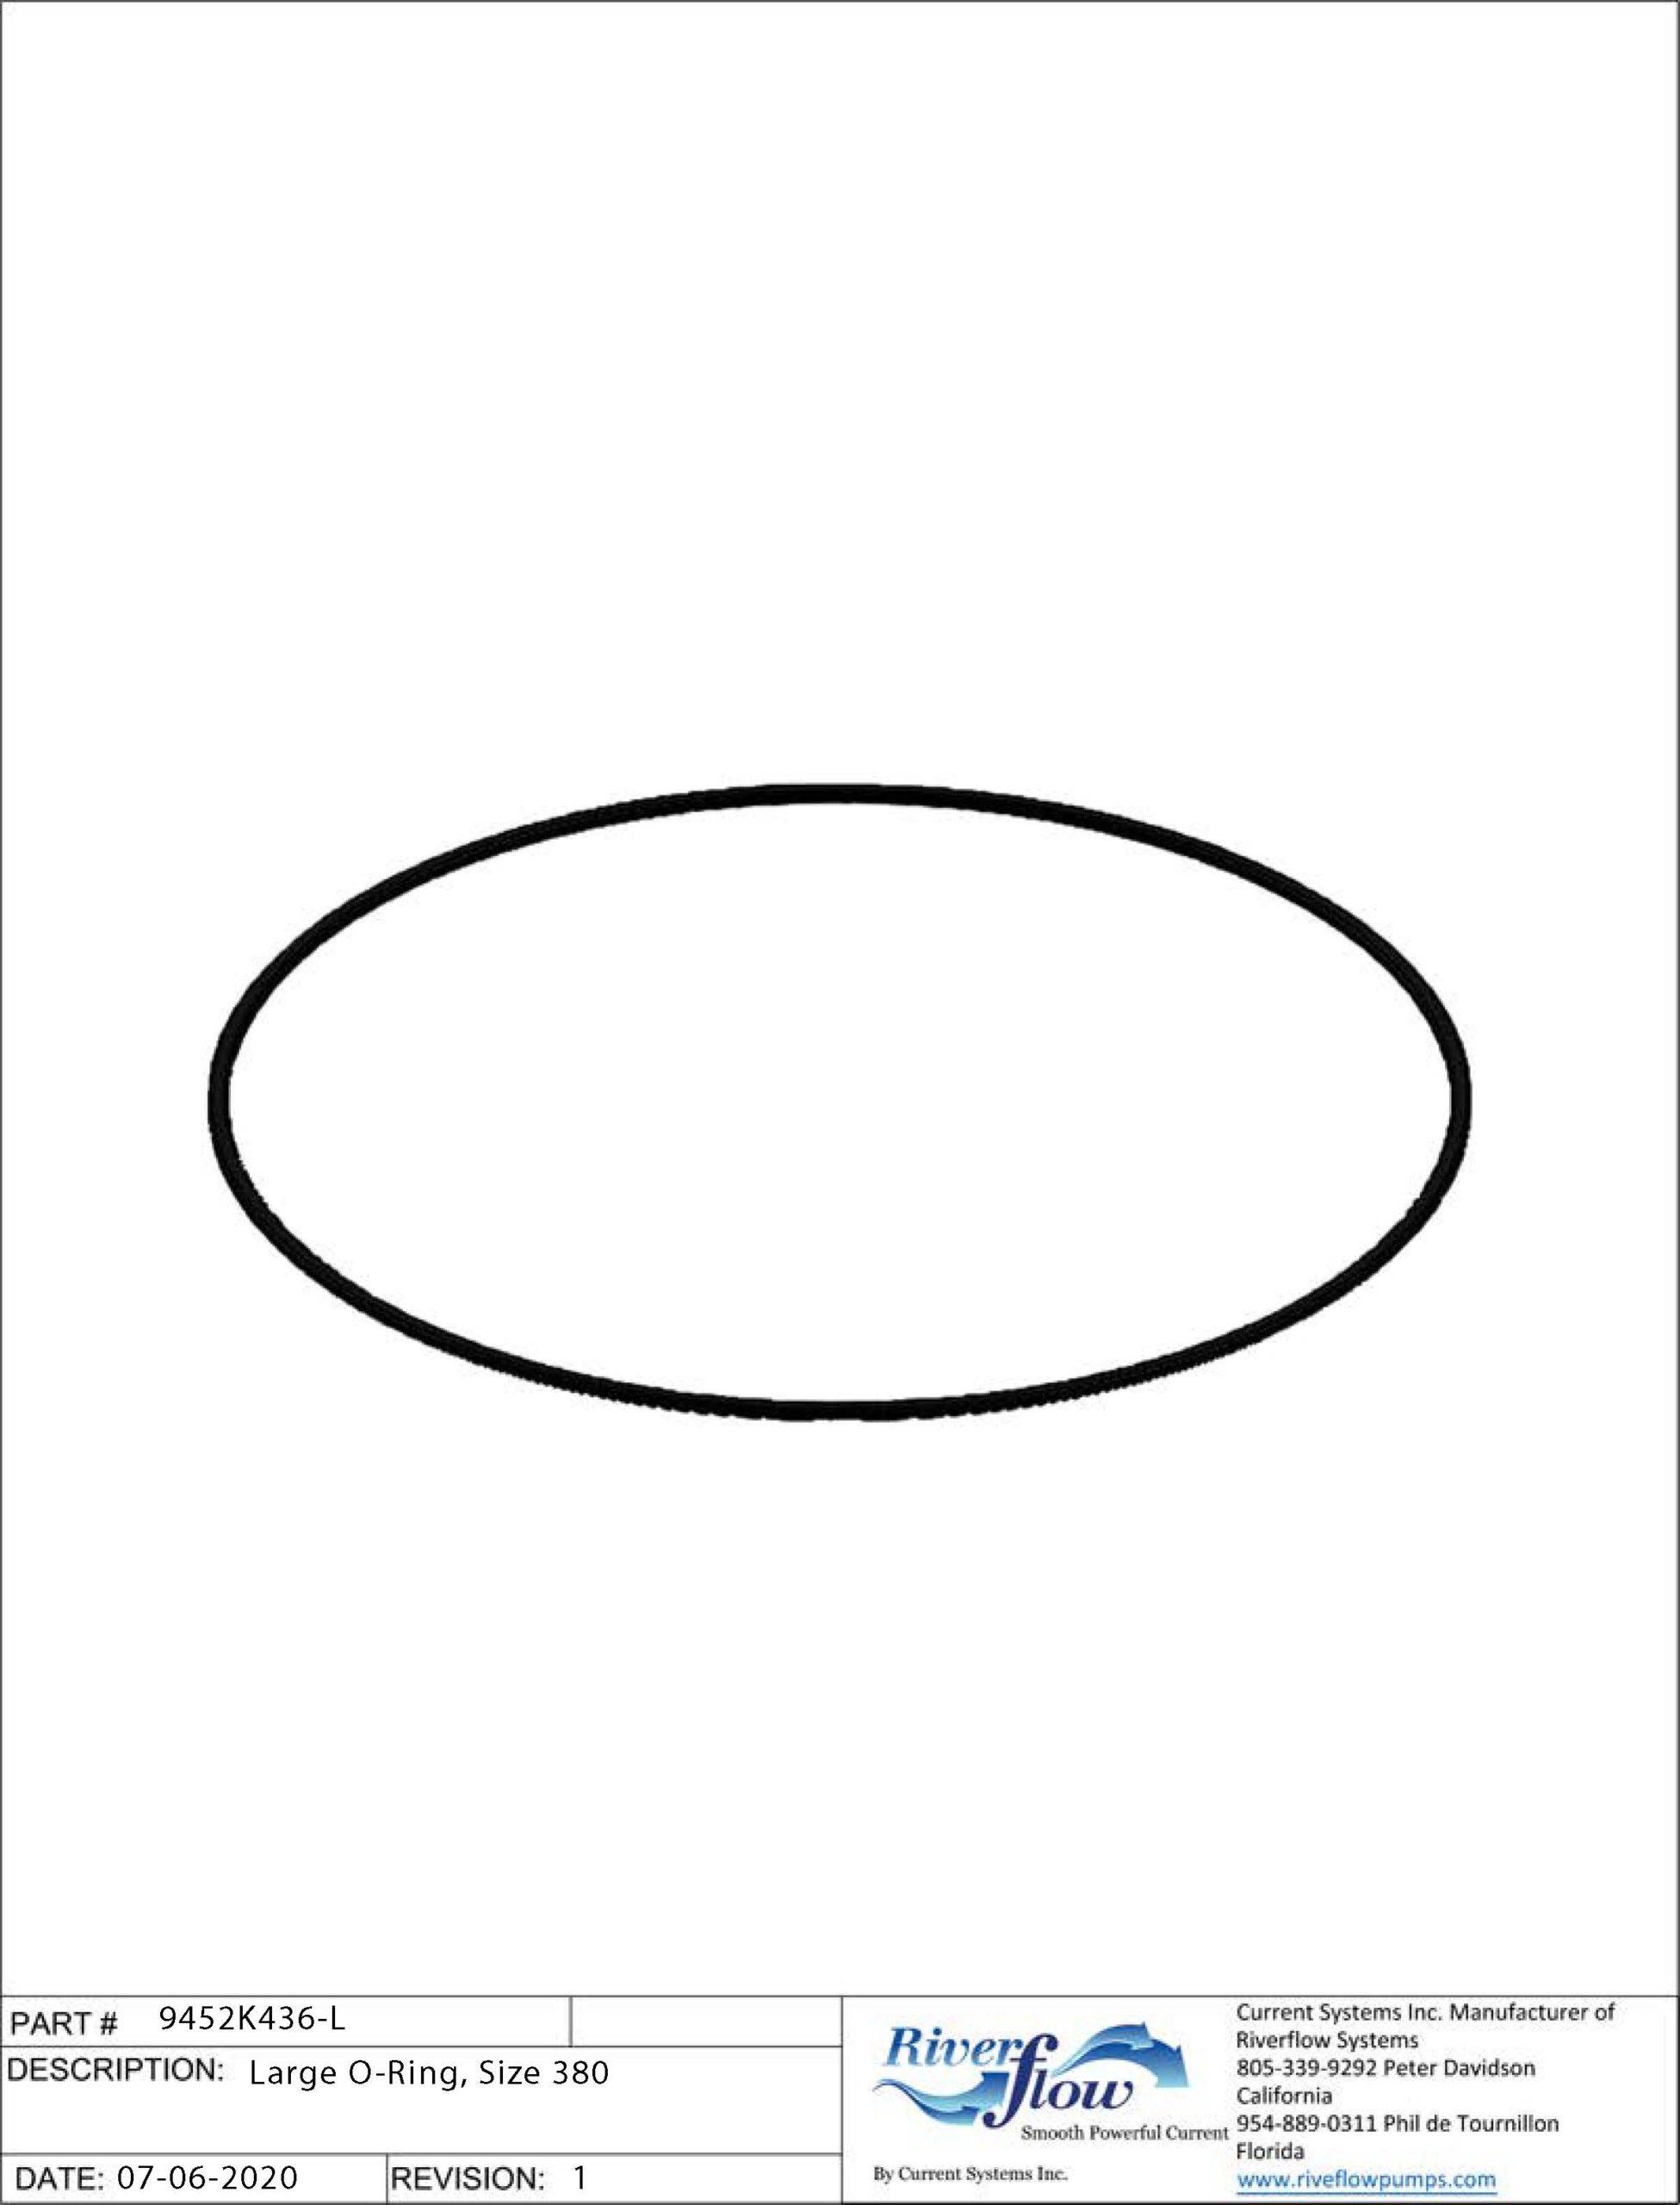 PN#: 9452K436-L  Large O-Ring, Size 380